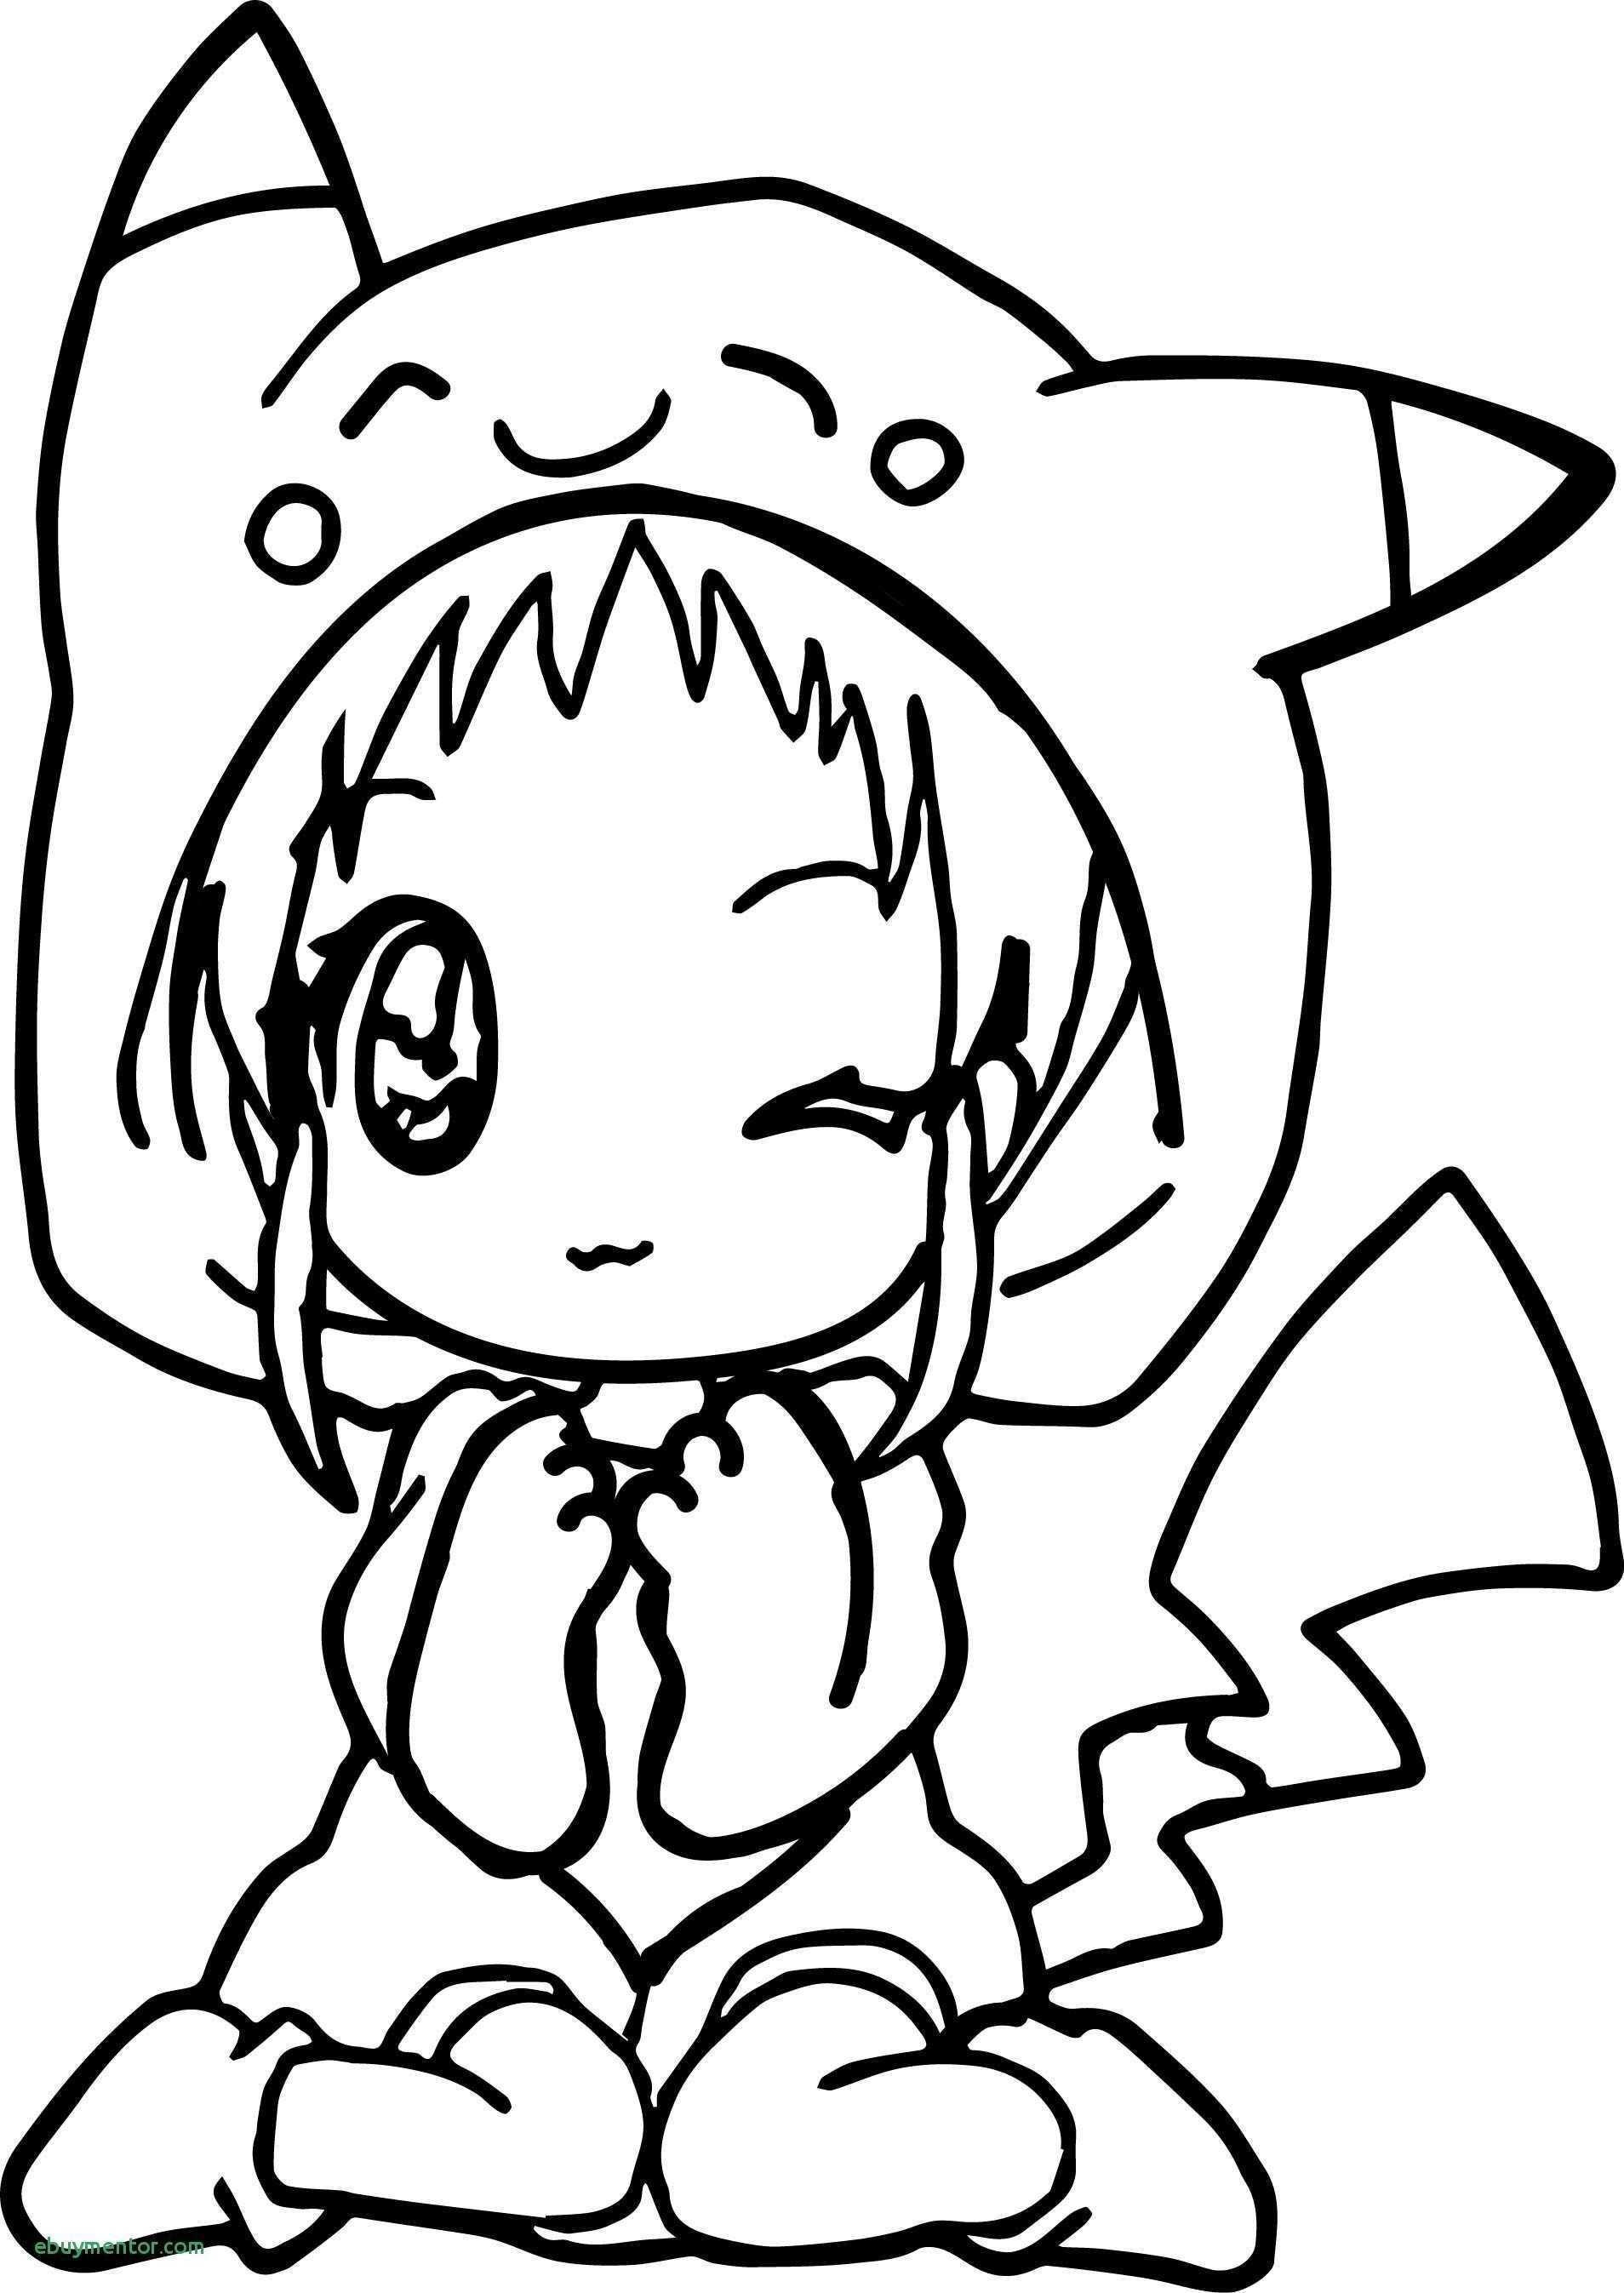 Einzigartig Malvorlagen Anime Malvorlagen Malvorlagenfurkinder Malvorlagenfurerwachsene Lustige Malvorlagen Pokemon Malvorlagen Malvorlagen Tiere